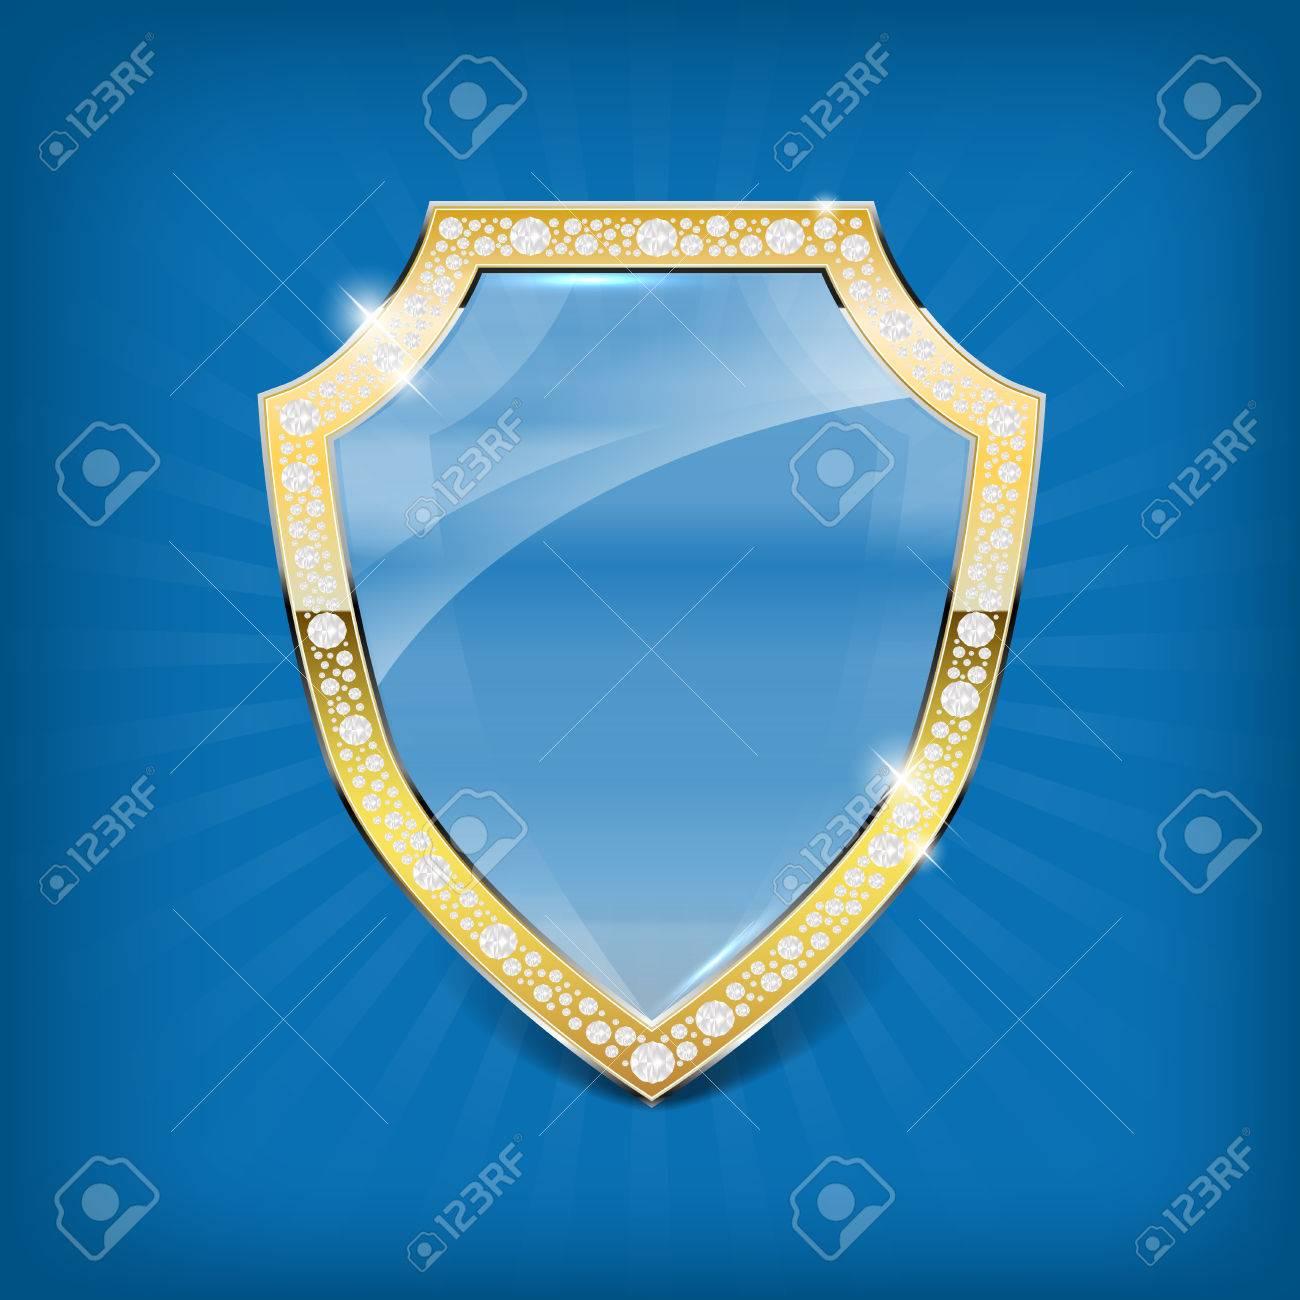 Protector De Vidrio Con Marco De Oro Y Diamantes En El Fondo Azul ...